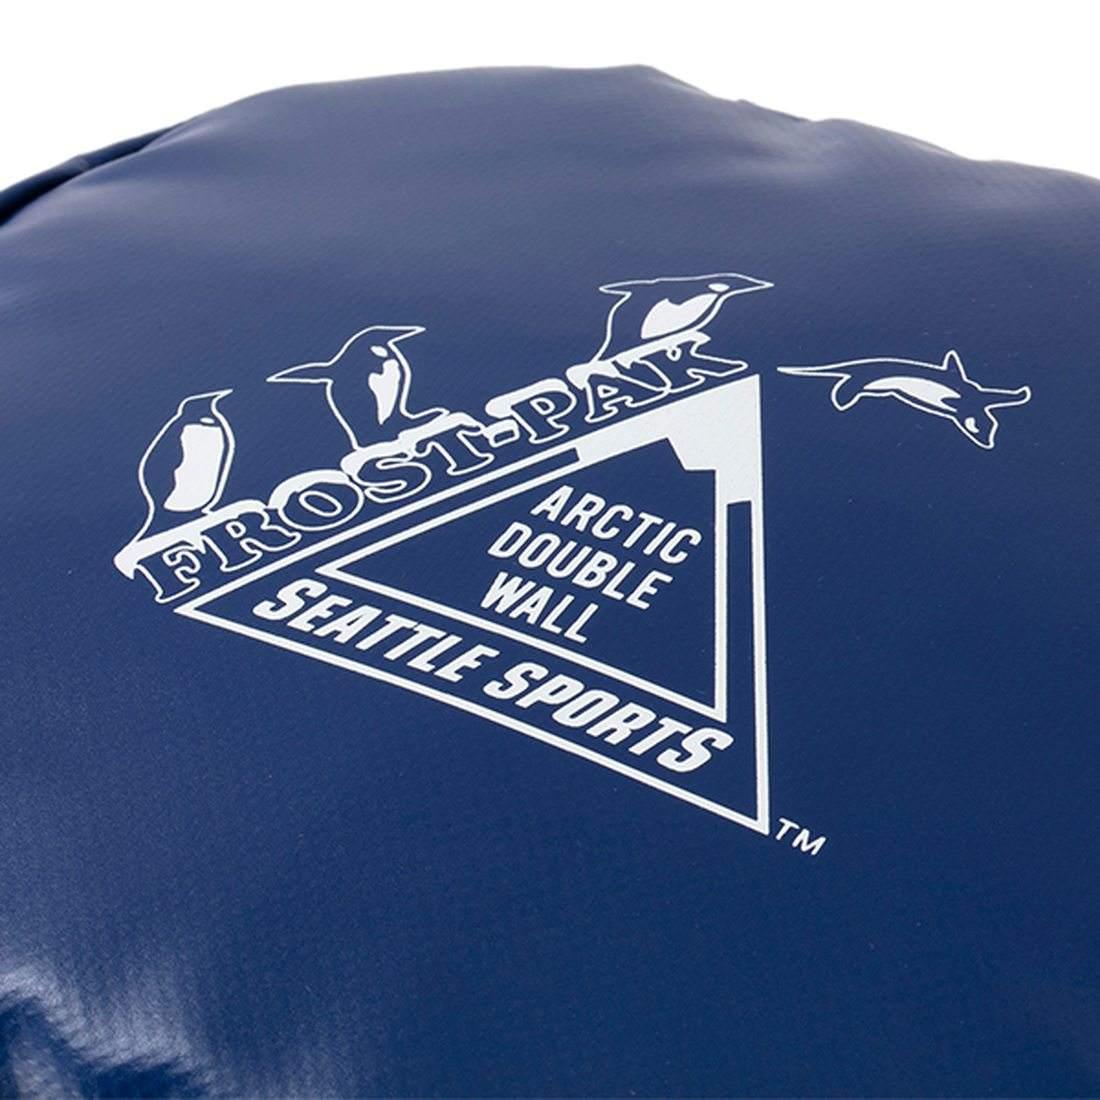 シアトルスポーツ フロストパック 12クォート UPDATEモデル ソフトクーラー 11L  国内正規品